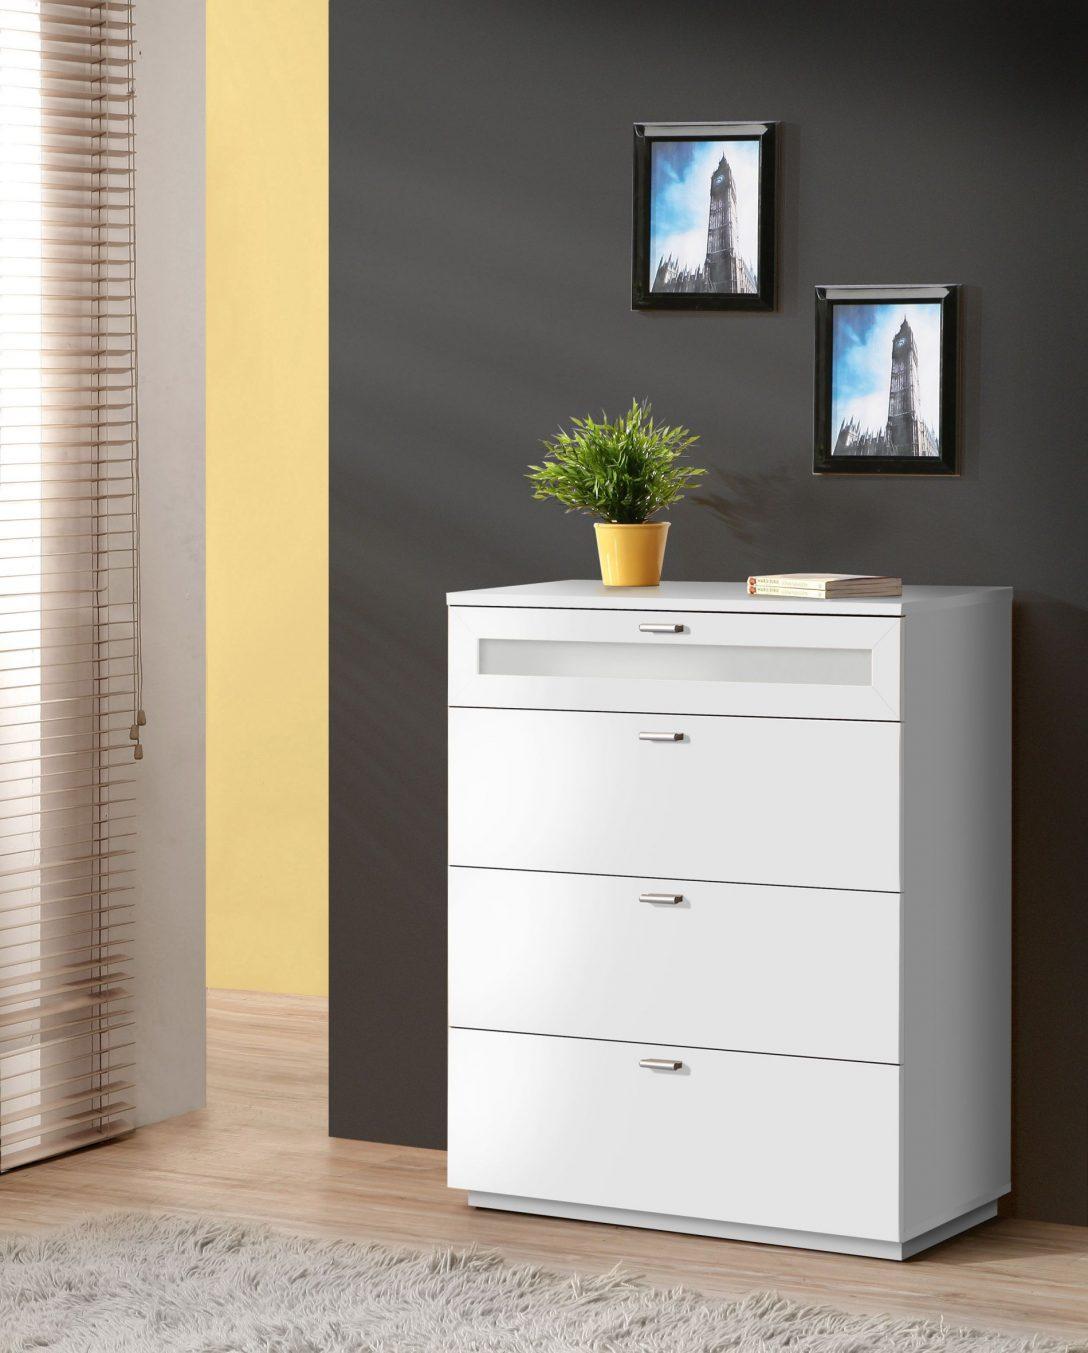 Large Size of Schlafzimmer Kommode Nexus Mit 4 Schubksten Massivholz Vorhänge Gardinen Für Weiß Teppich Lampe Kommoden Wandtattoo Deckenlampe Wandleuchte Klimagerät Schlafzimmer Kommode Schlafzimmer